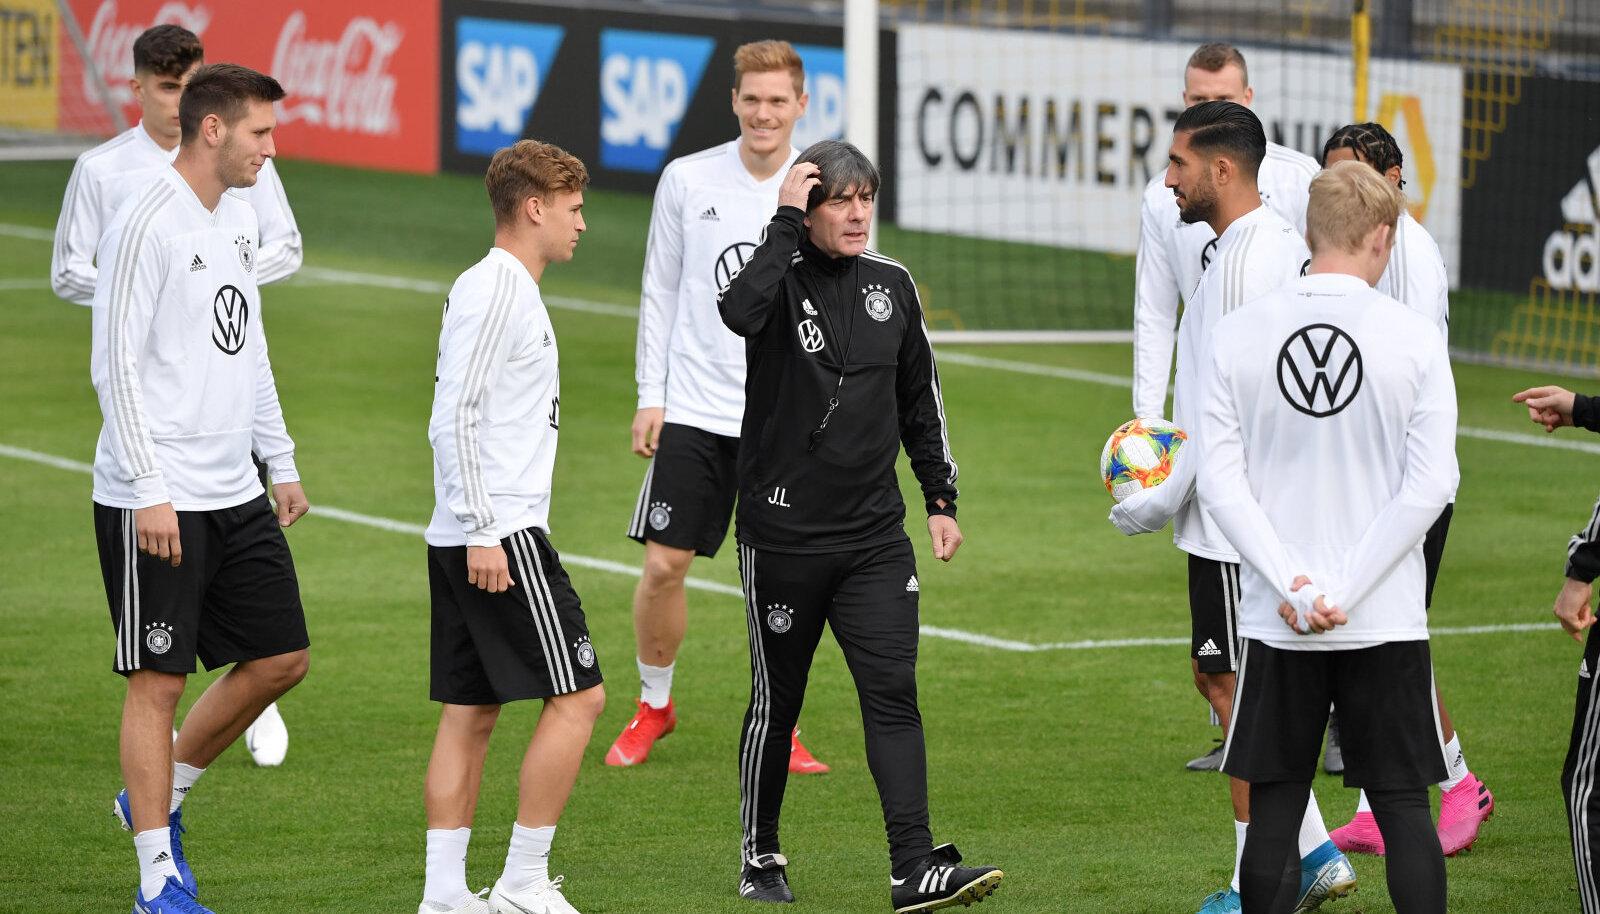 Saksamaa jalgpallikoondis treeningul. Keskel mängijaid juhendamas Joachim Löw.